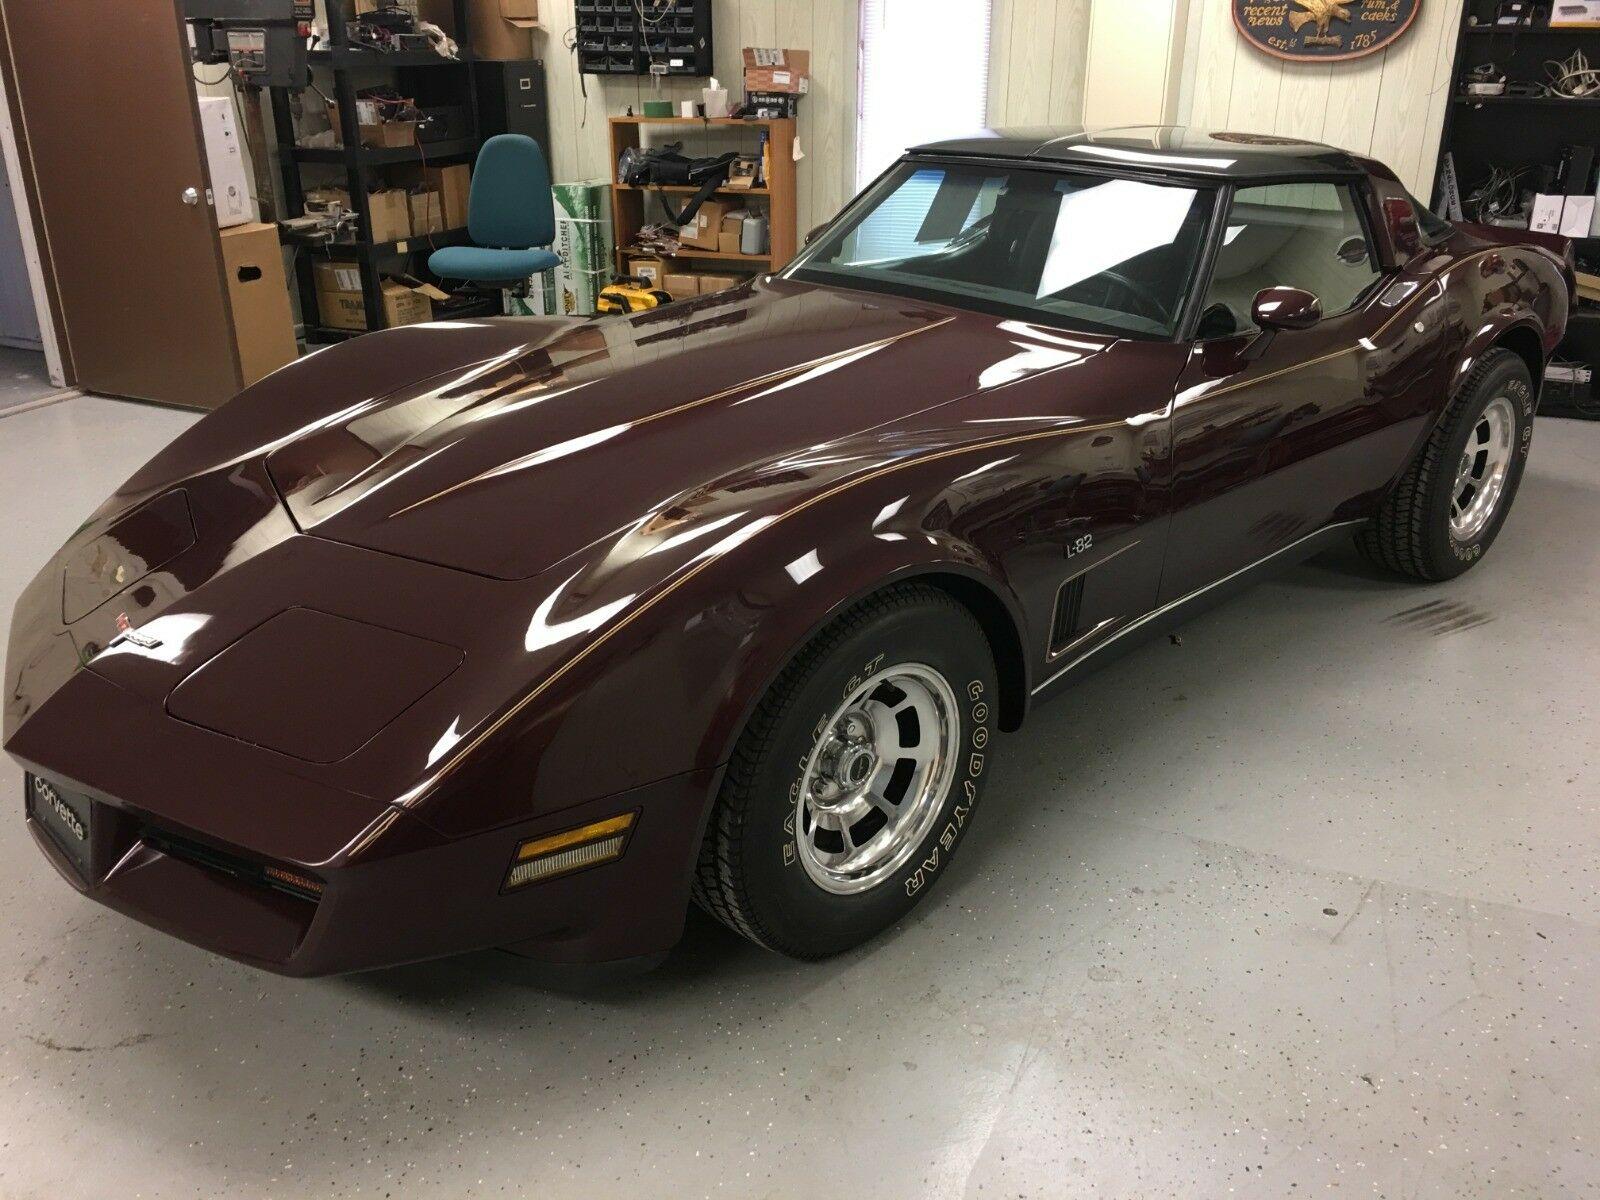 Sale a la venta un Corvette L-82 oculto tras casi 40 años